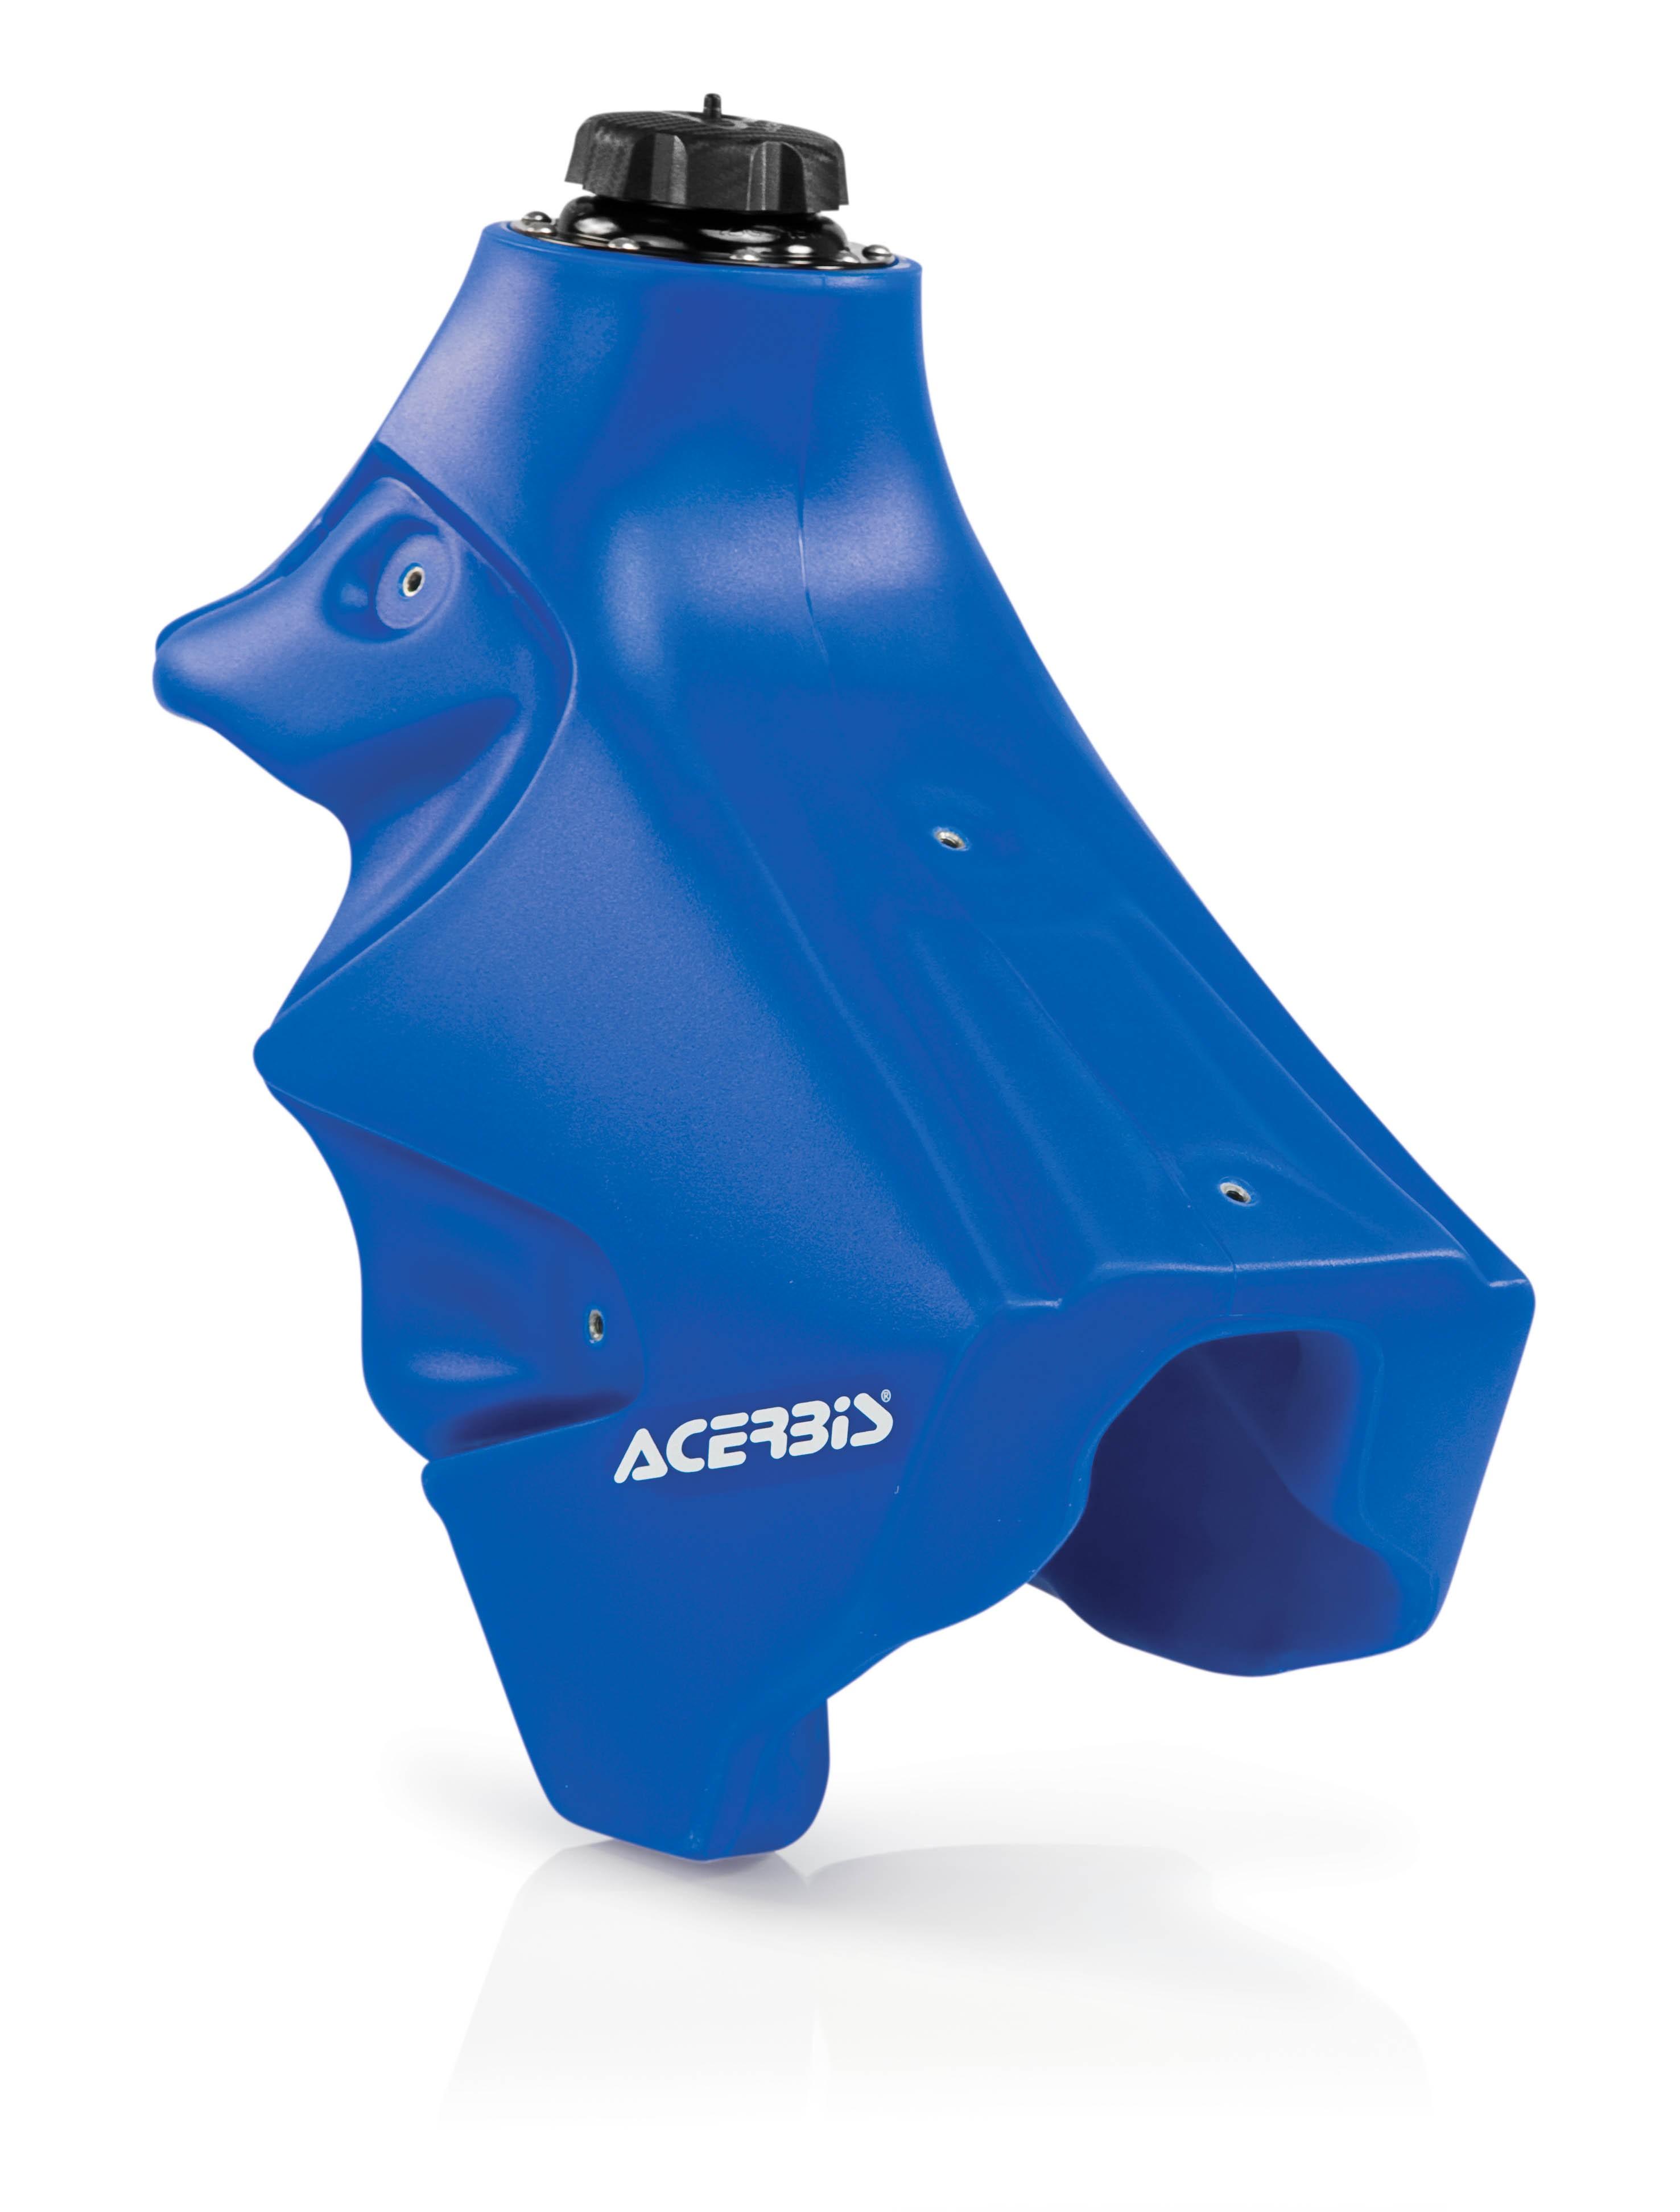 Acerbis 12l 17 Yamaha Pièces Détachées Pour Réservoir Yz125250 05 sdtQCxrBh